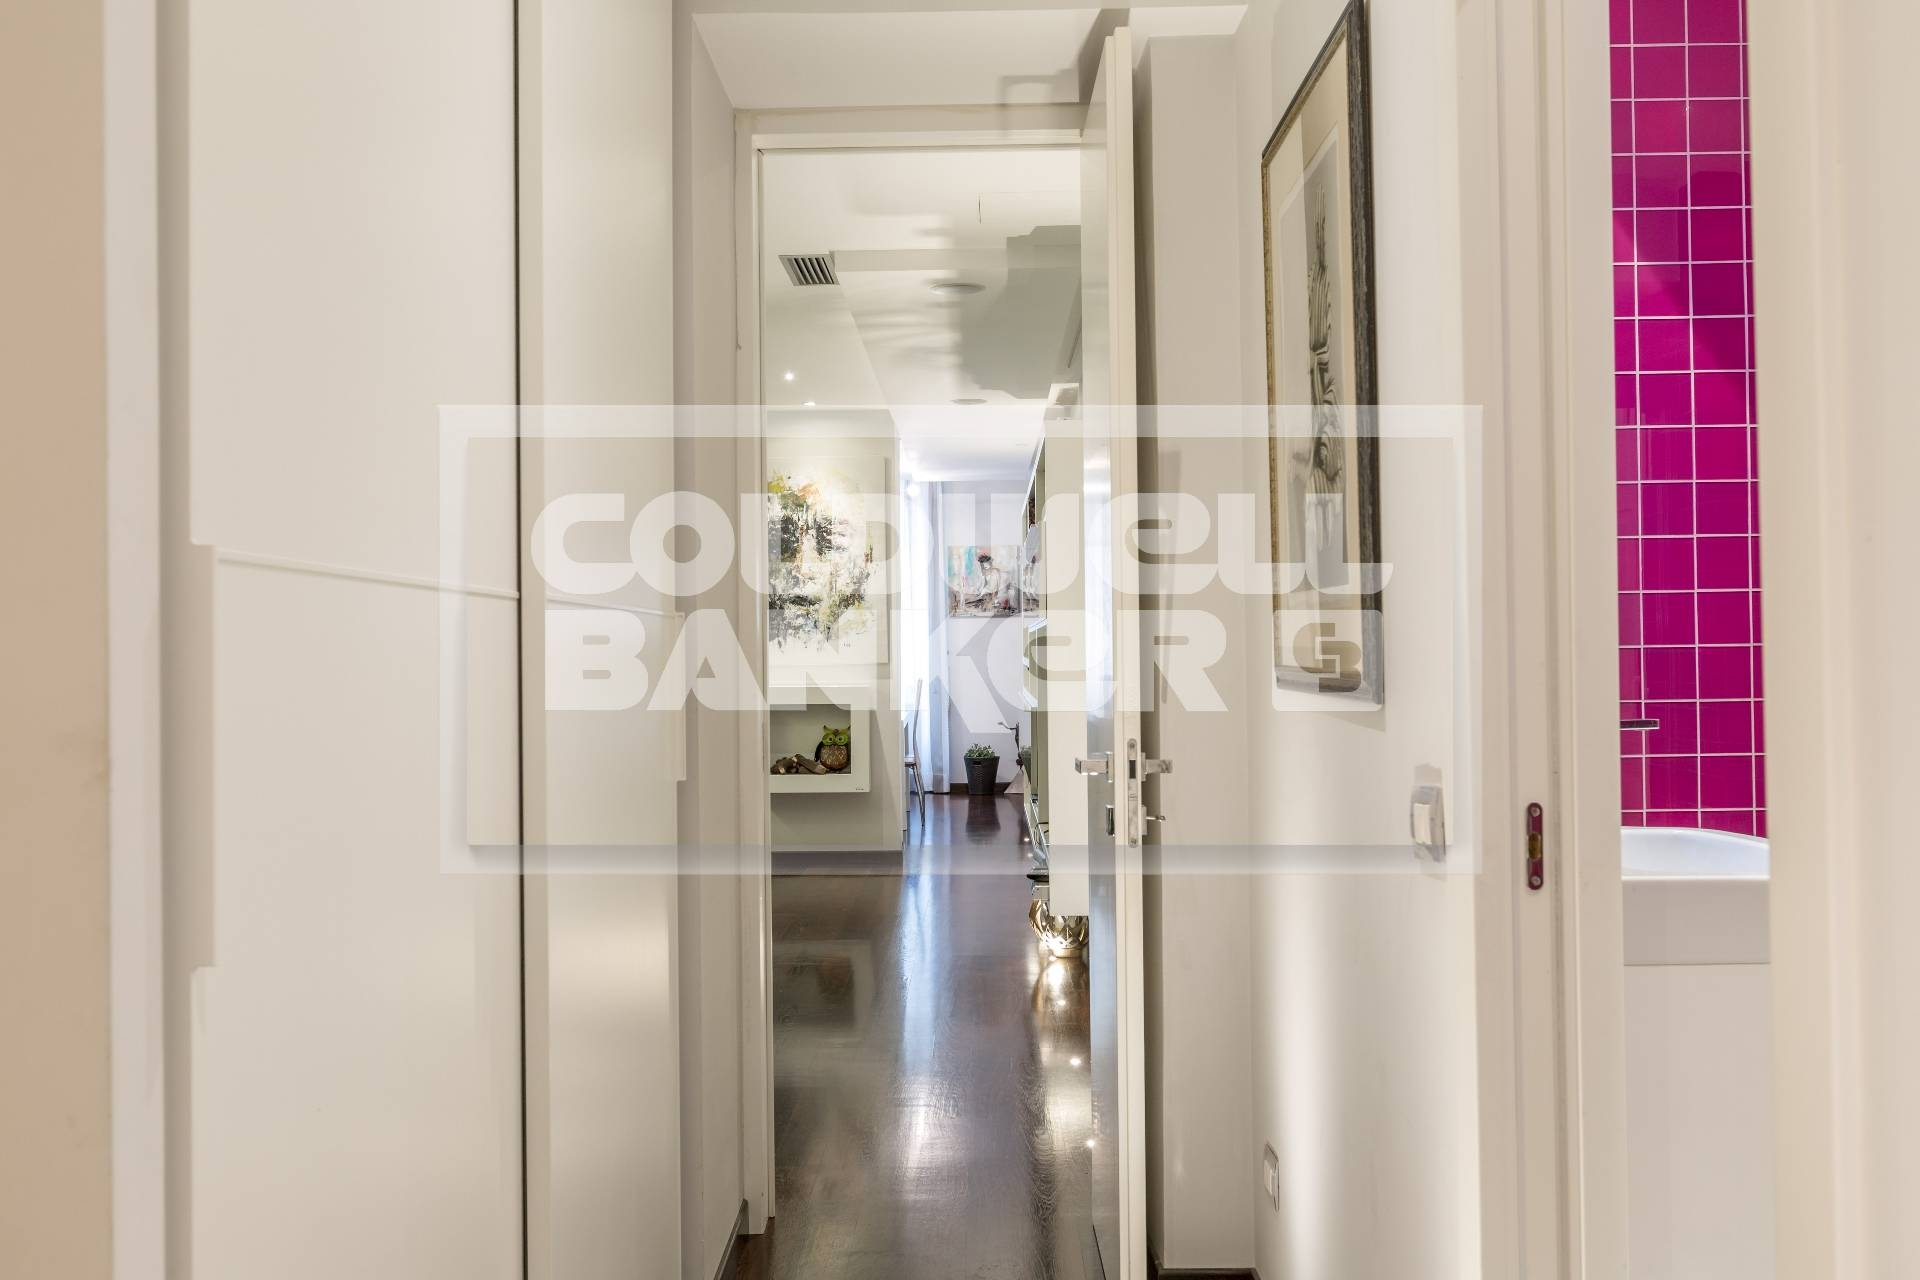 Cbi072 900 ex907 appartamento in vendita a roma for Appartamento new design roma lorenz